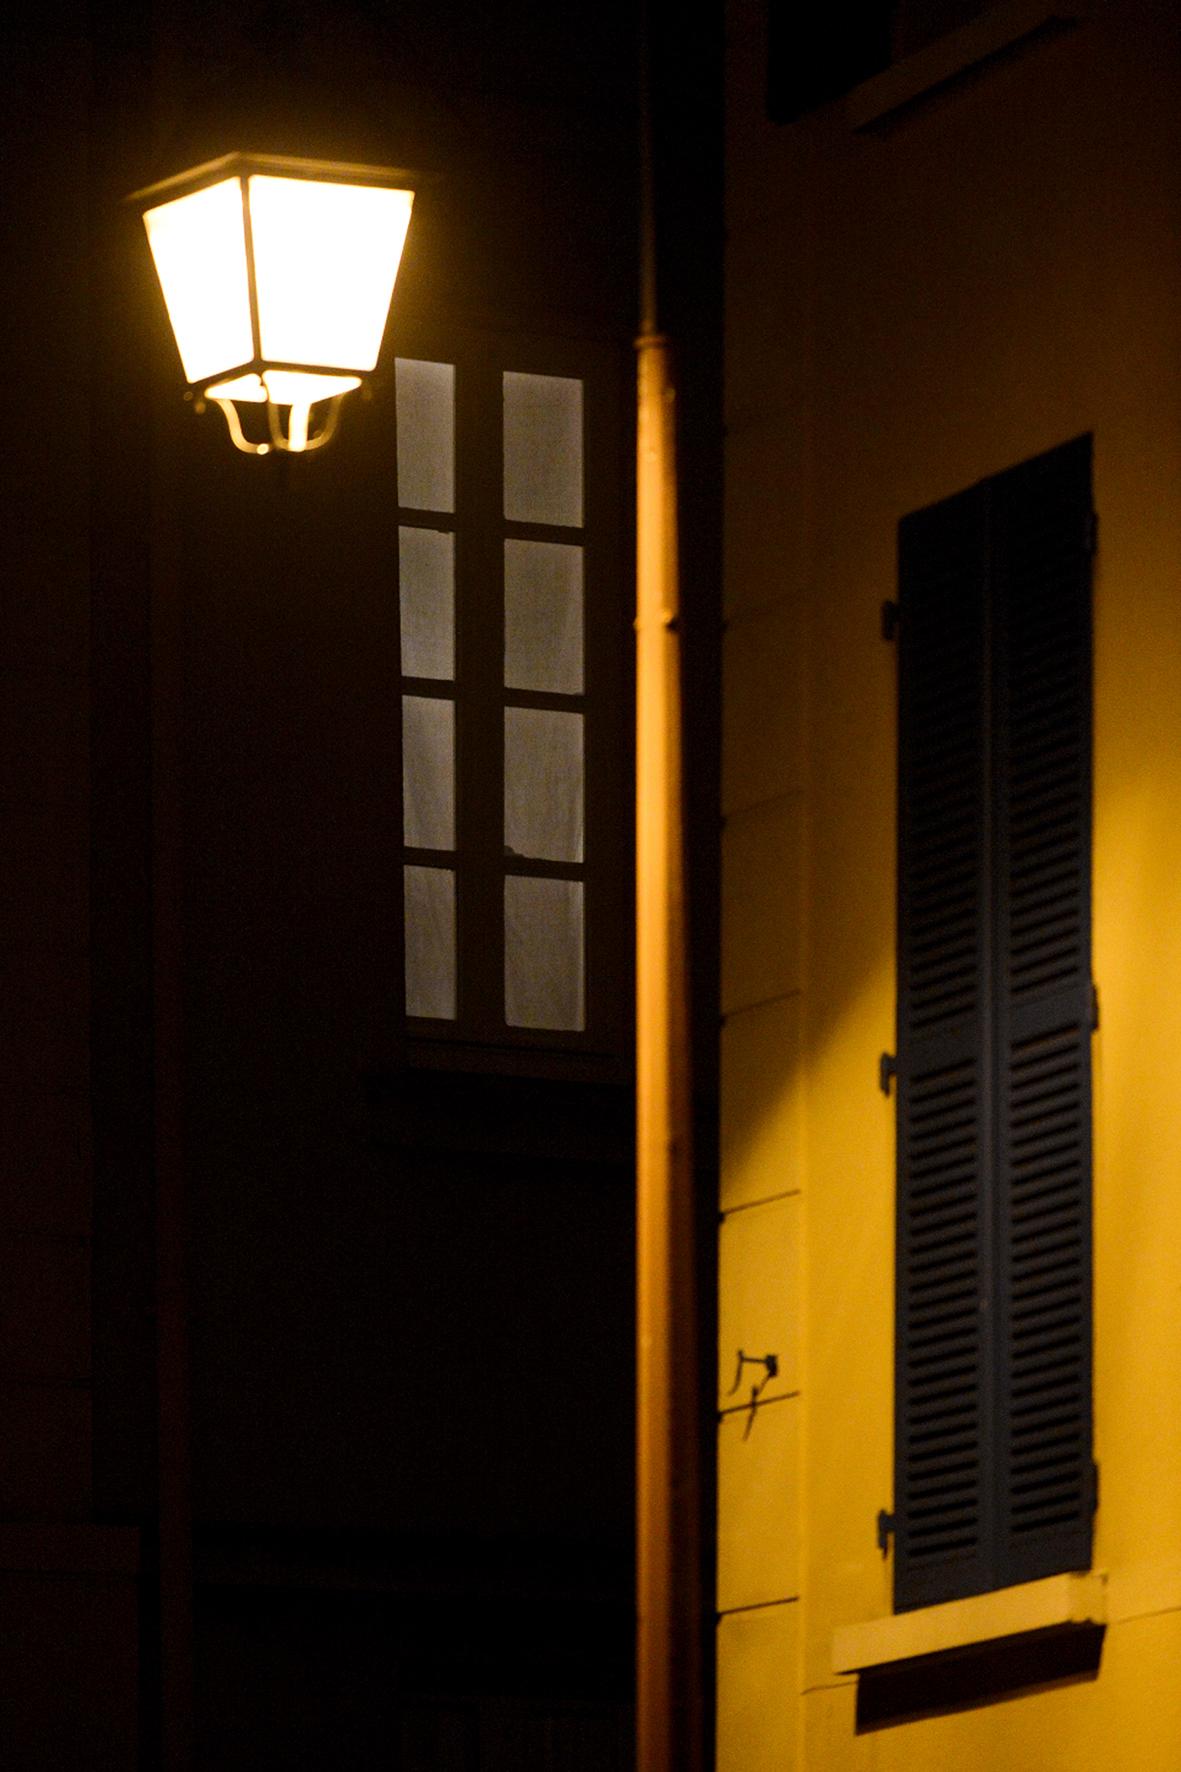 Photographe : Lumière ou obscurité Home